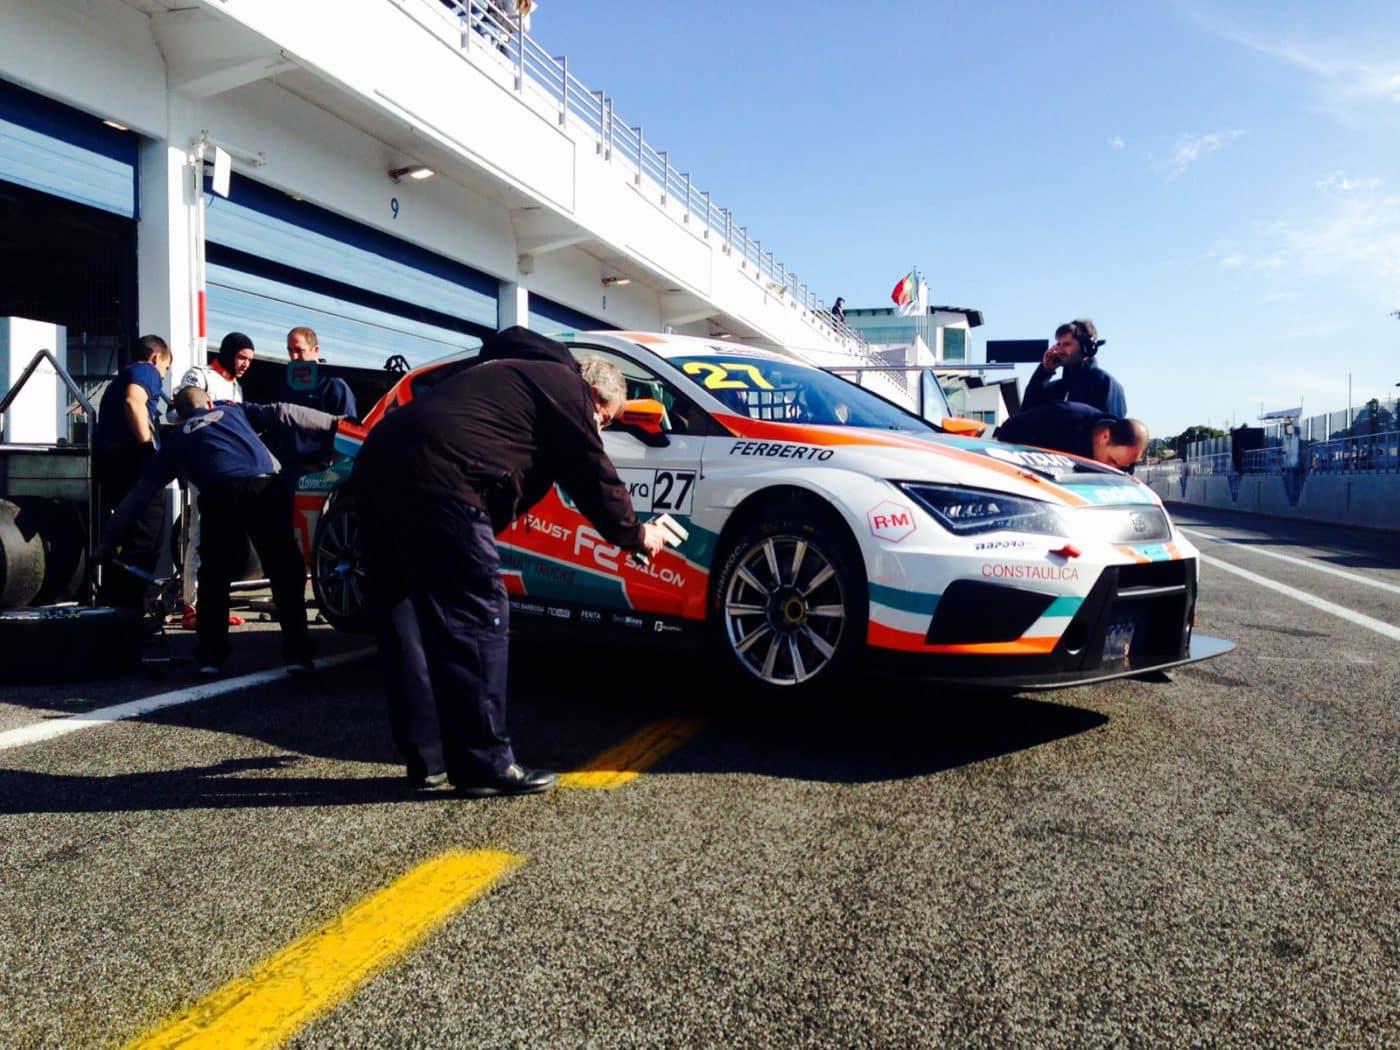 Circuito Internacional de Estoril – TCR Ibérico – Eurofórmula y GT Open